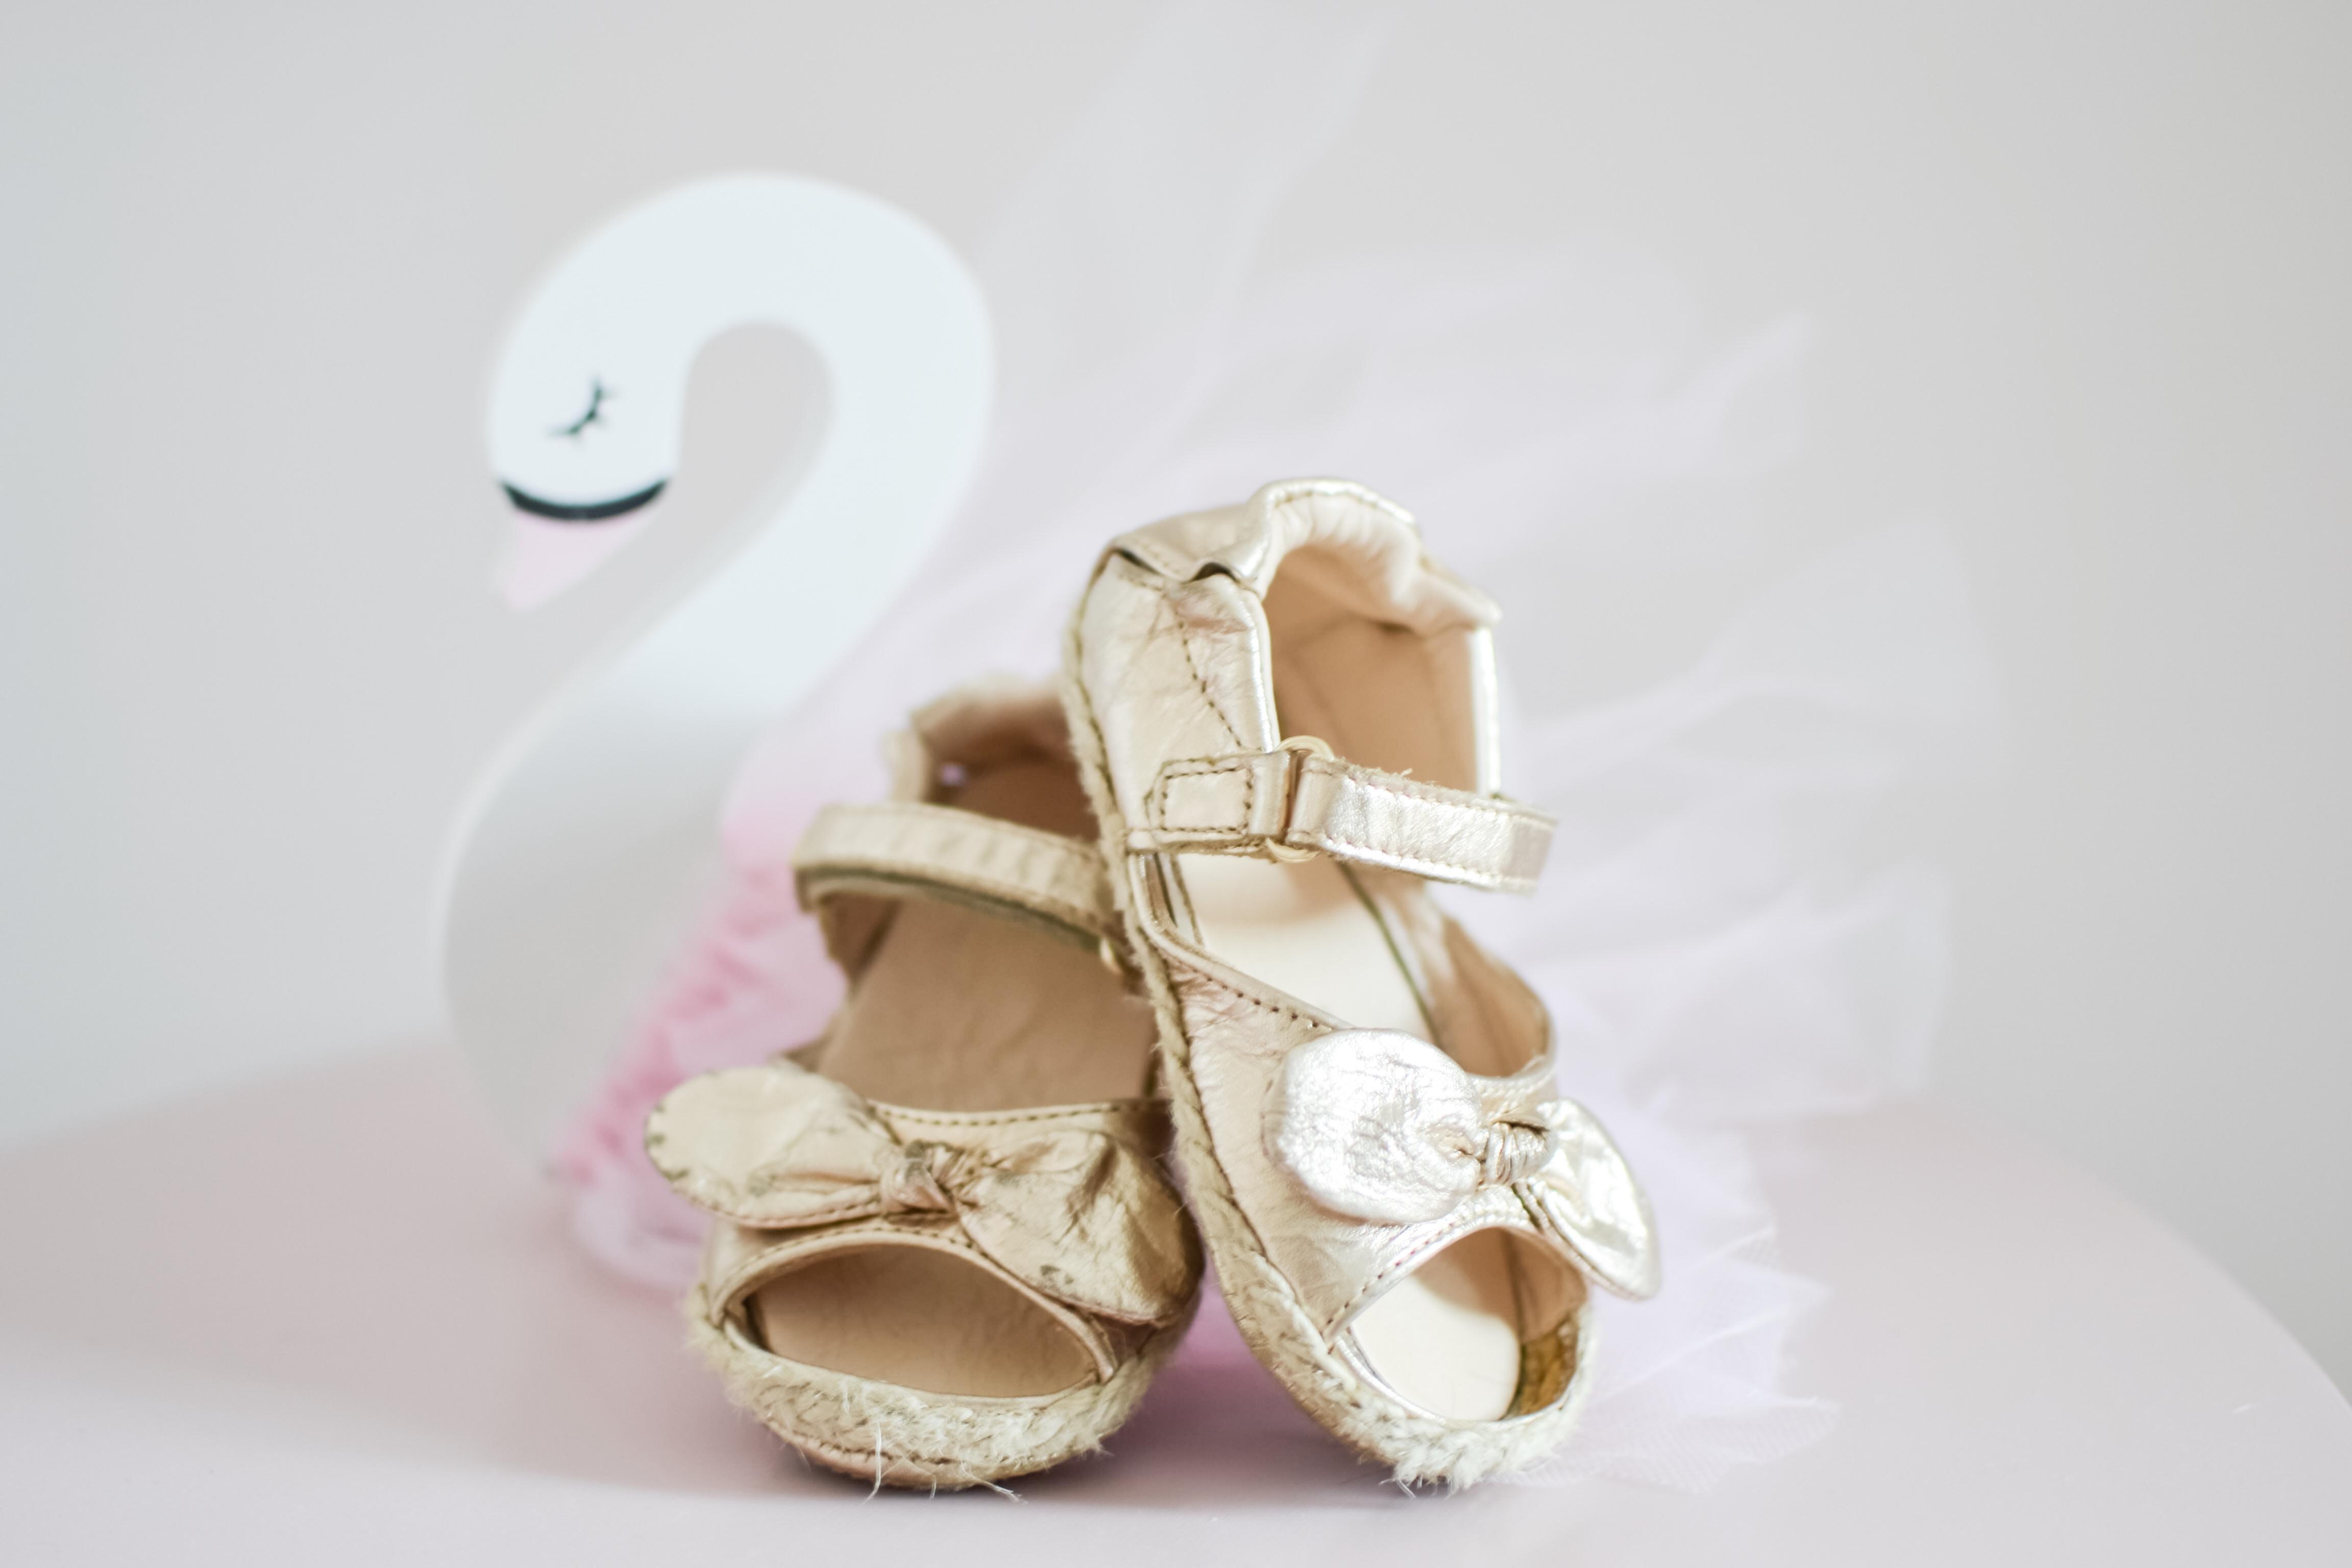 fd974d44b3666 First baby shoes - Natálkin botník počas prvých krokov v jej živote -  minidiamondblog